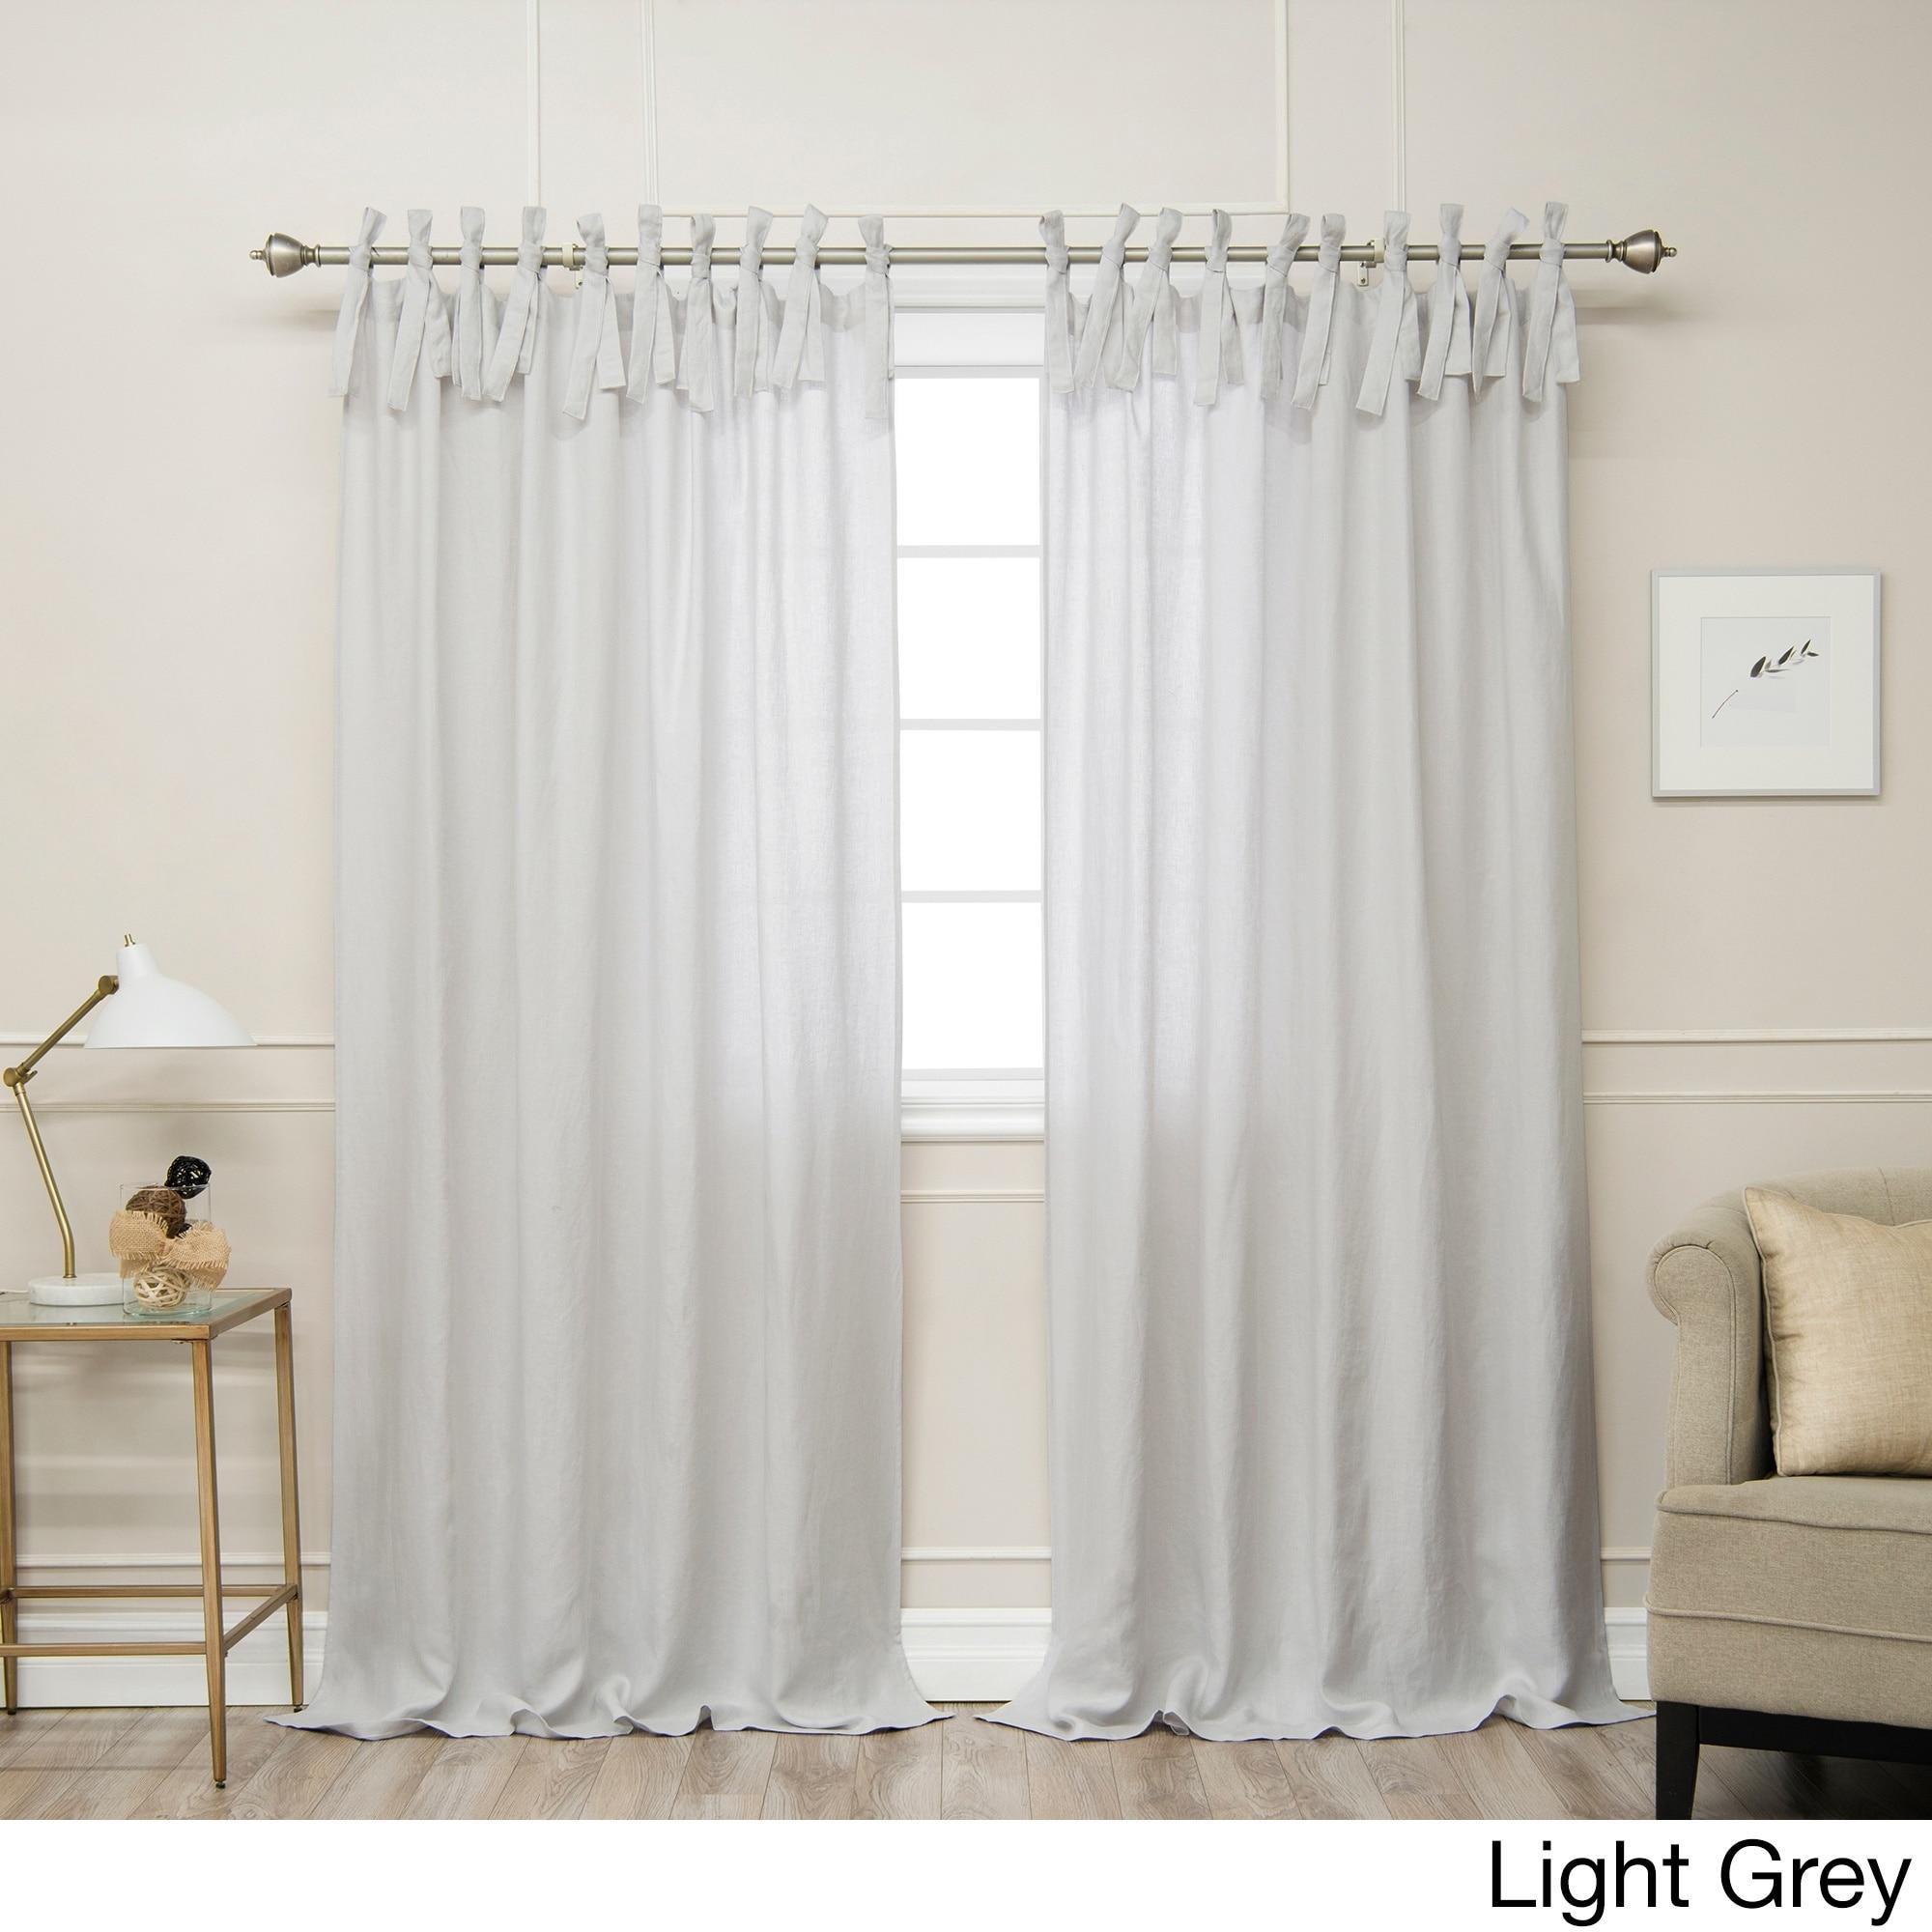 kajiz off l white design curtains greeniteconomicsummit gray home linen org